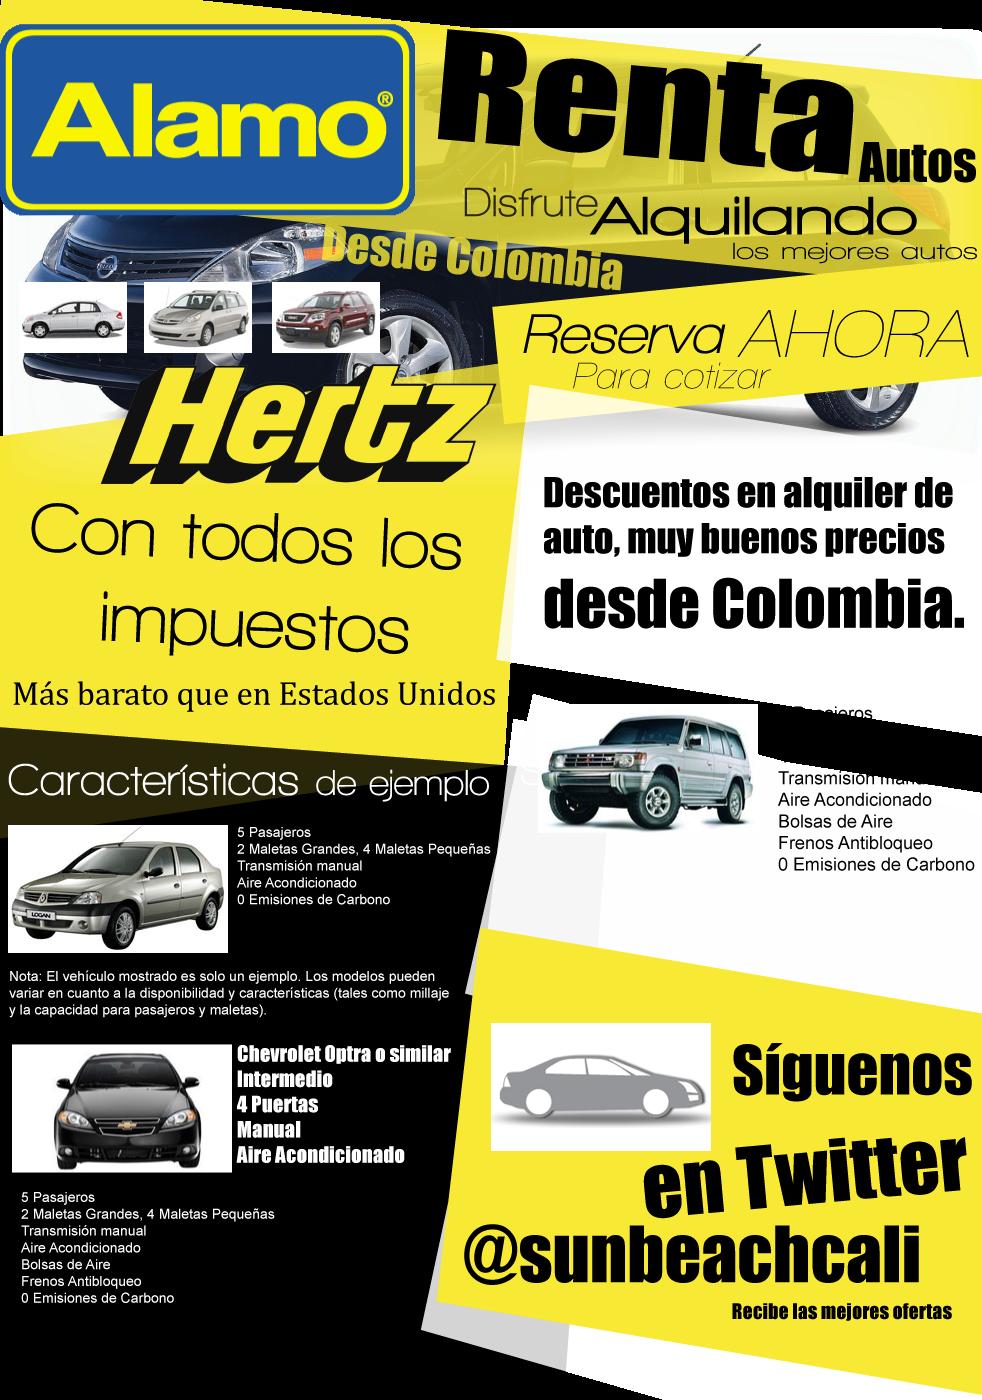 Renta De Autos Desde Colombia Con Las Mejores Hertz Renta Car Y